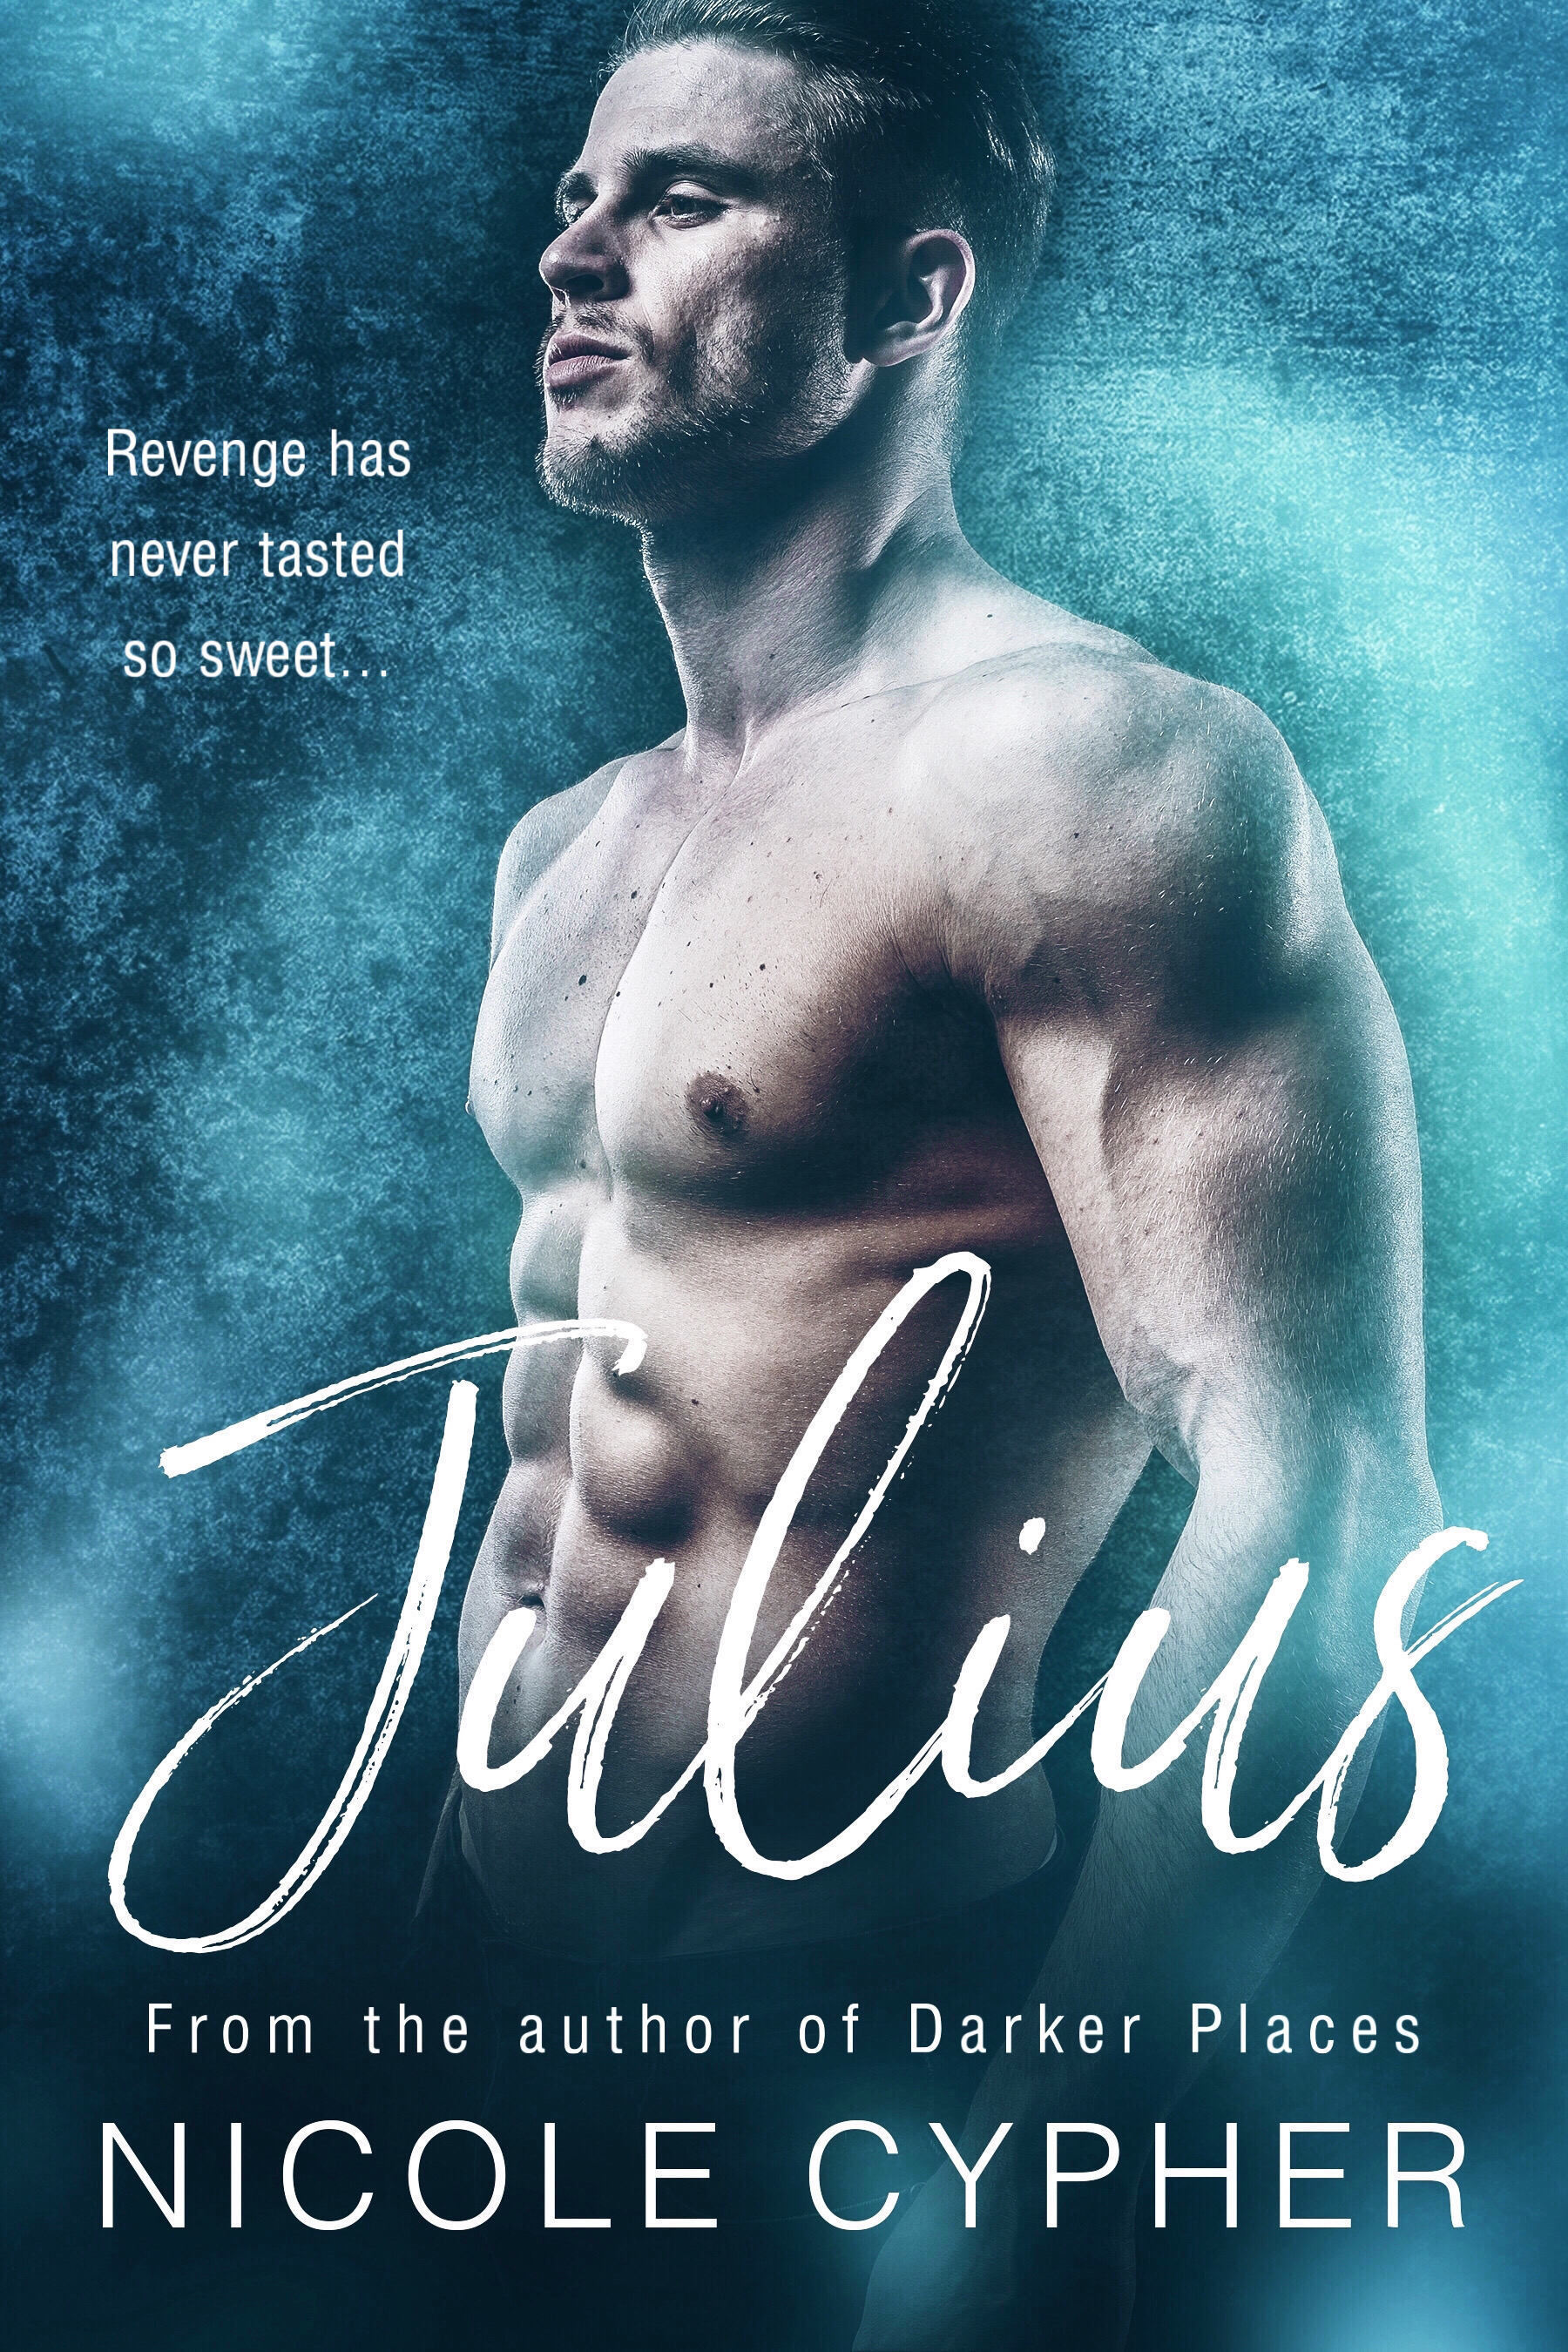 Julius Ebook Cover